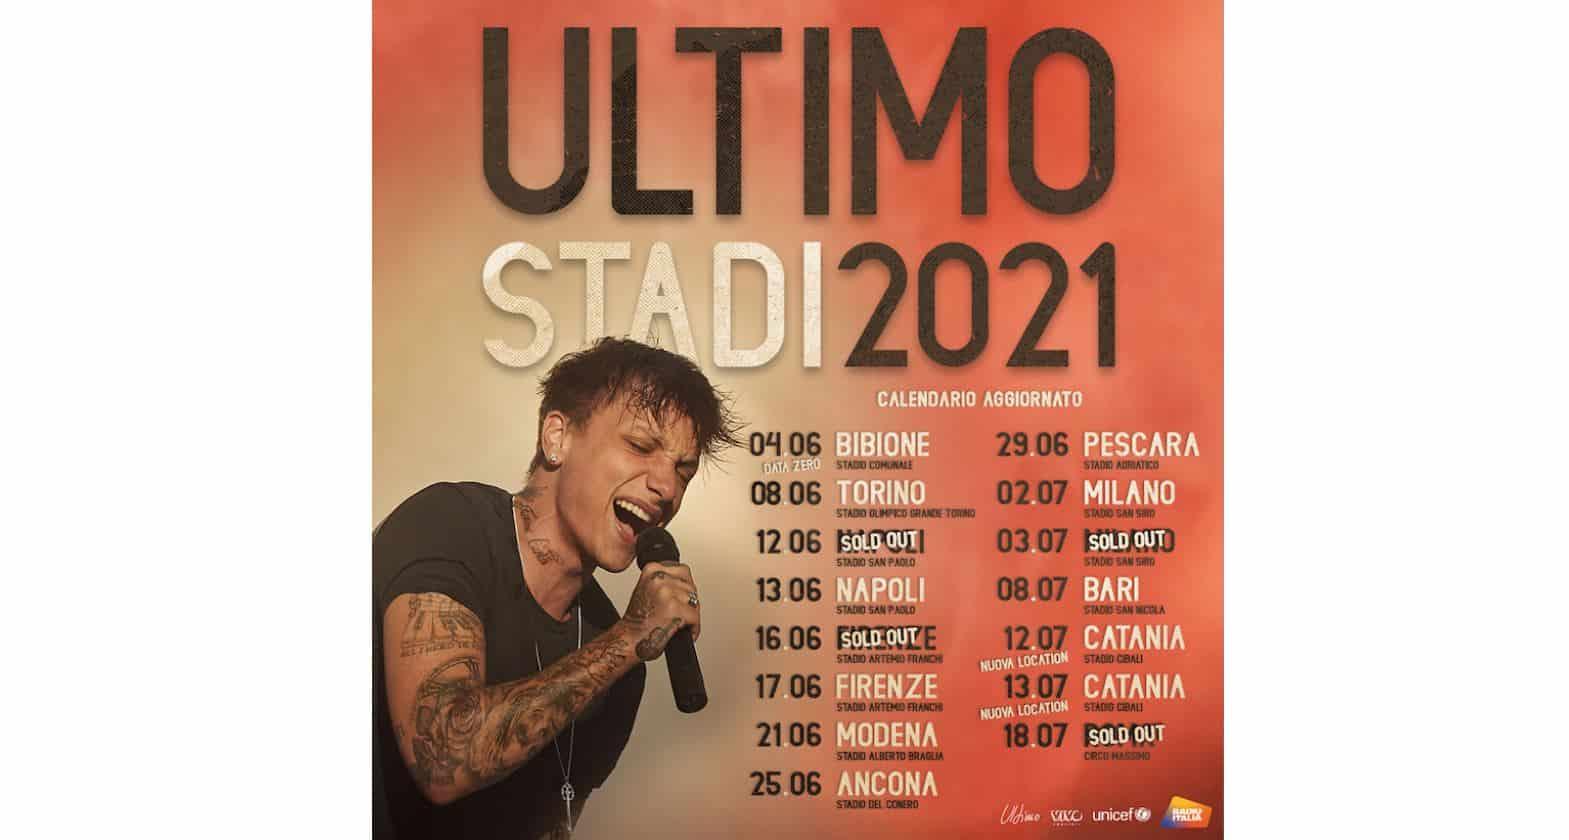 Ultimo stadi 2021 con nuove date: il calendario aggiornato